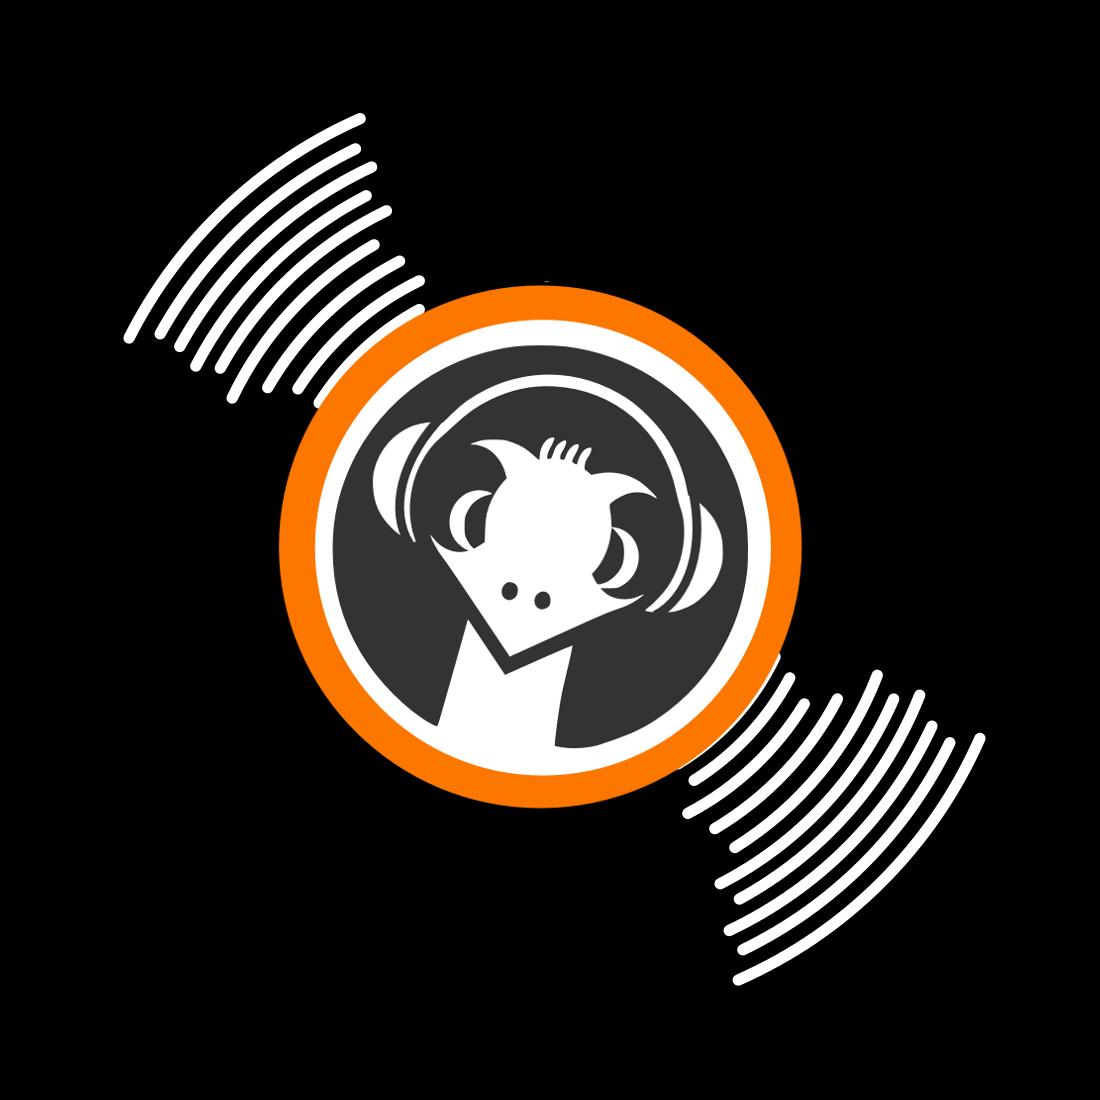 [Monkey Samouraï] Unknown